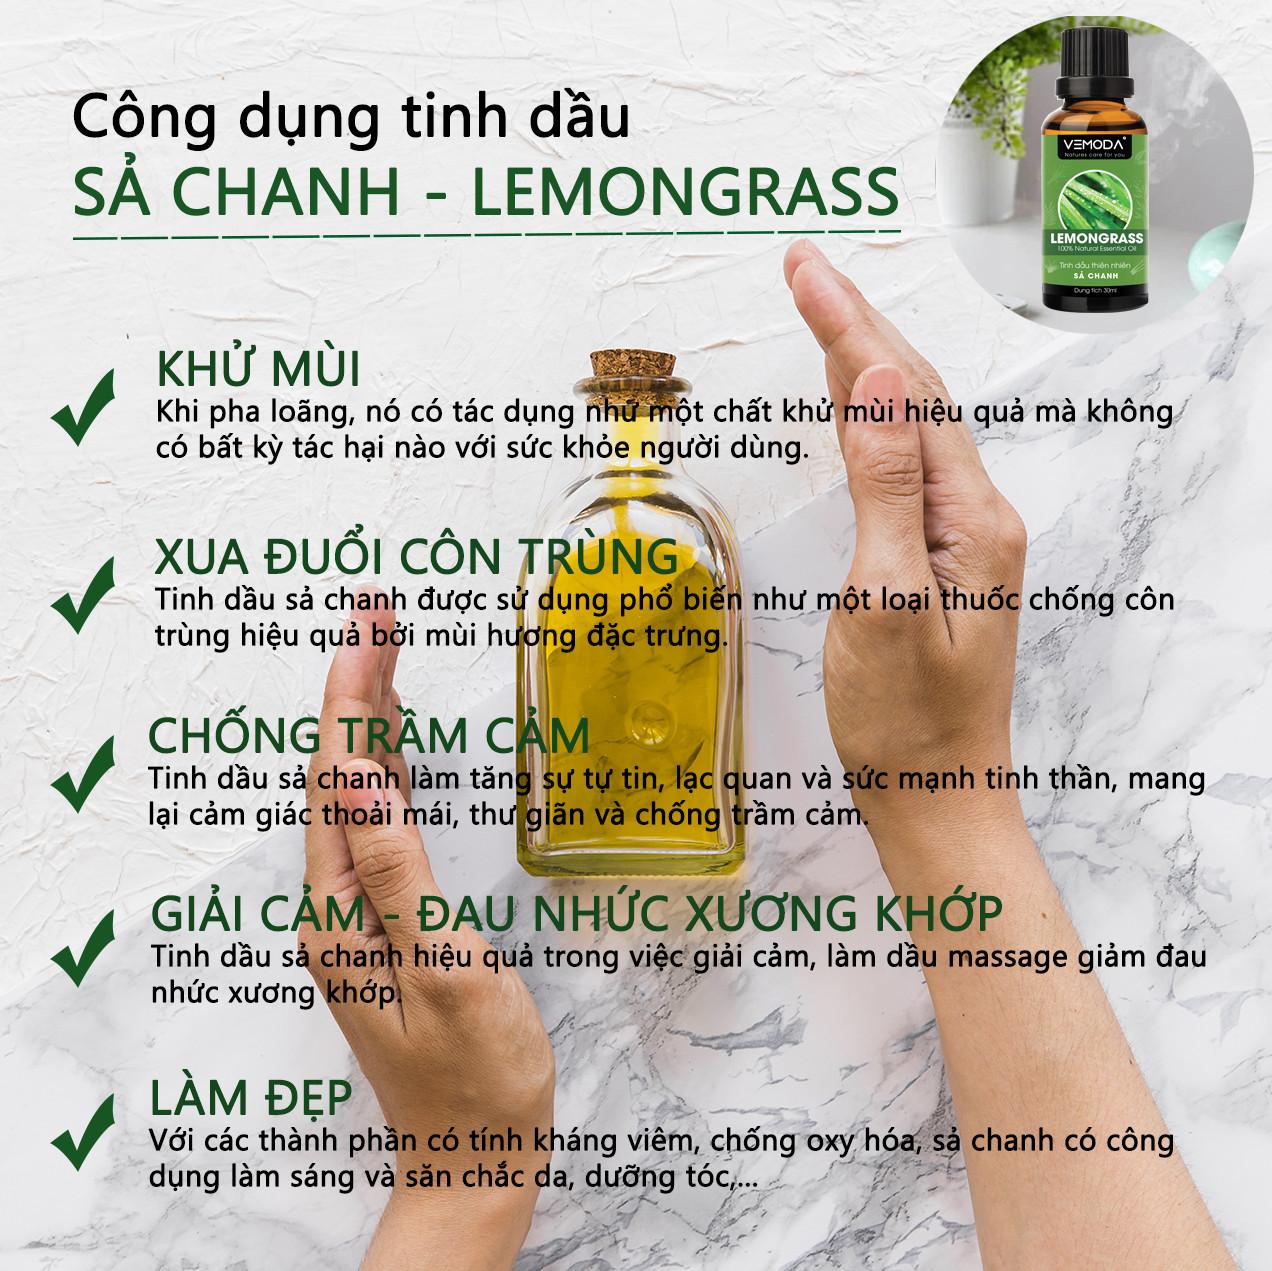 Tinh dầu xông phòng, thư giãn cao cấp gồm 3 chai tinh dầu nguyên chất: tinh dầu Vỏ quế (30ml) + tinh dầu Bạc hà (30ml) +  tinh dầu Sả chanh (30ml) Vemoda